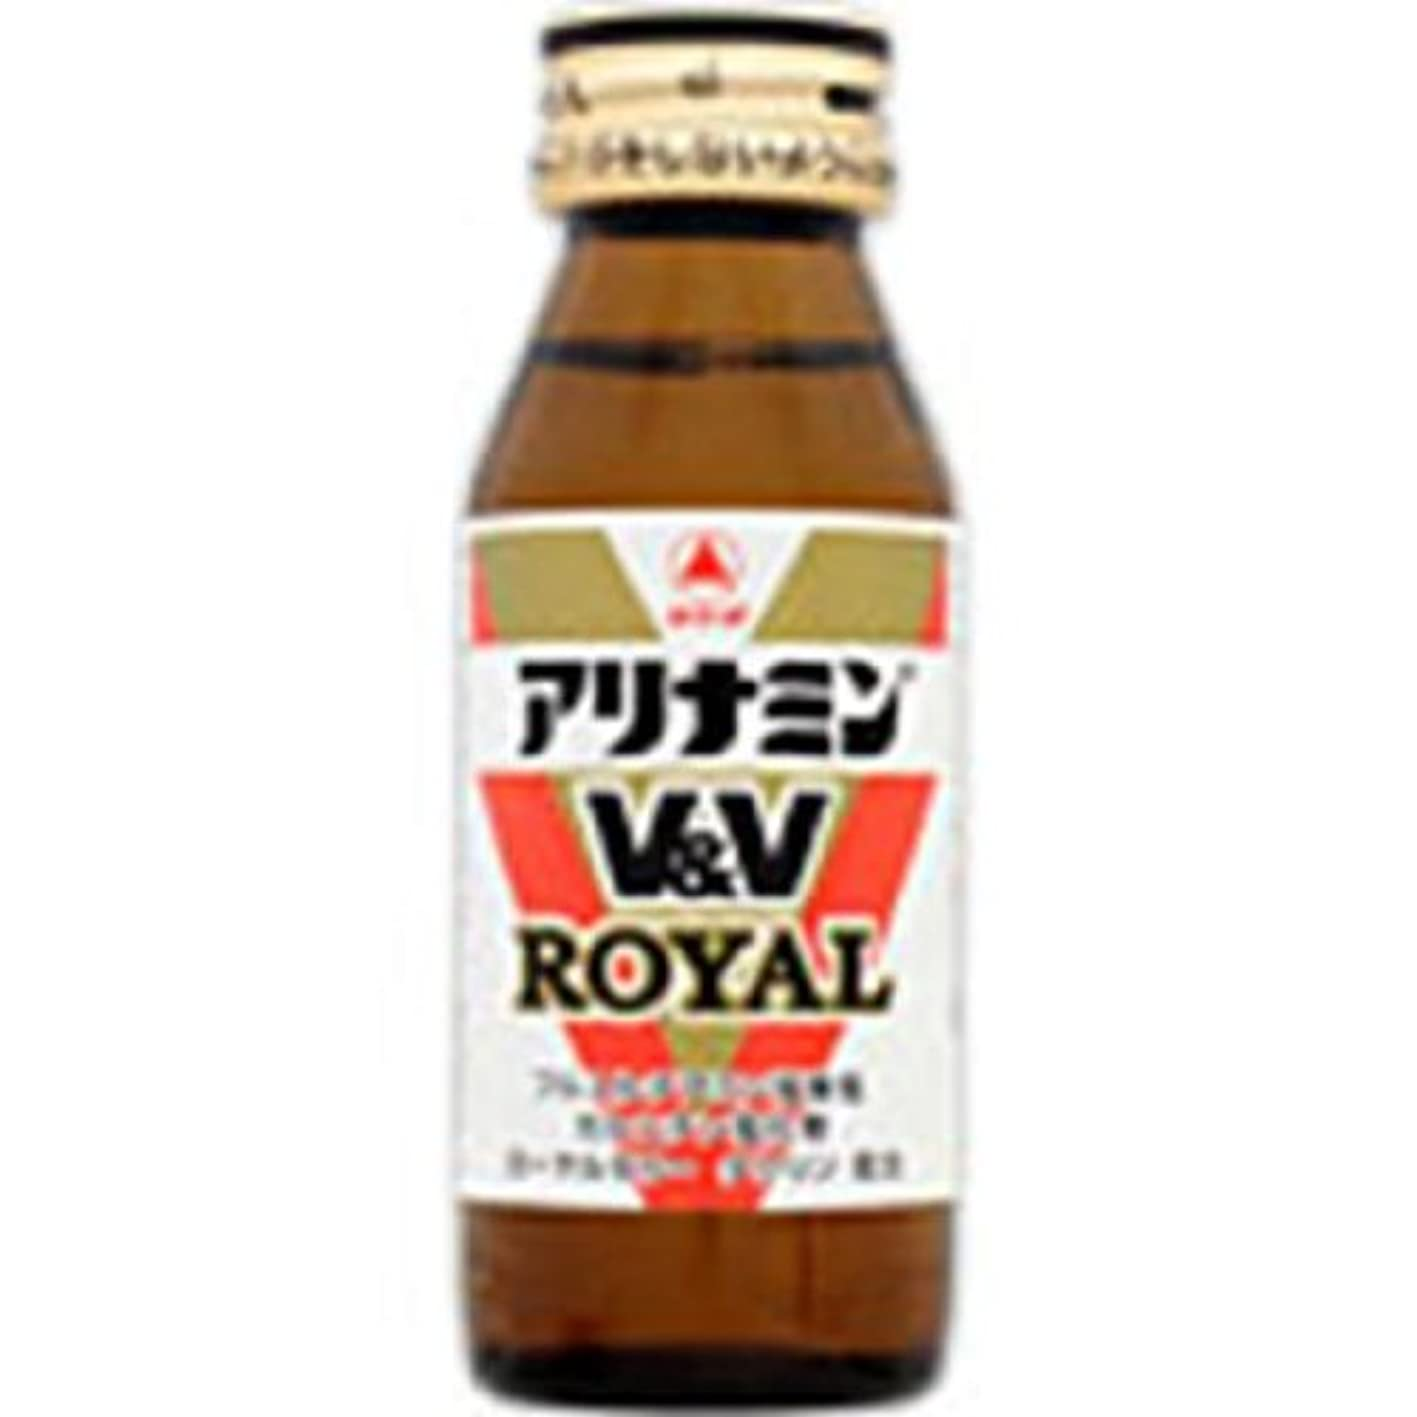 ダイヤモンド定常届けるアリナミンV&Vロイヤル 50ml 【指定医薬部外品】